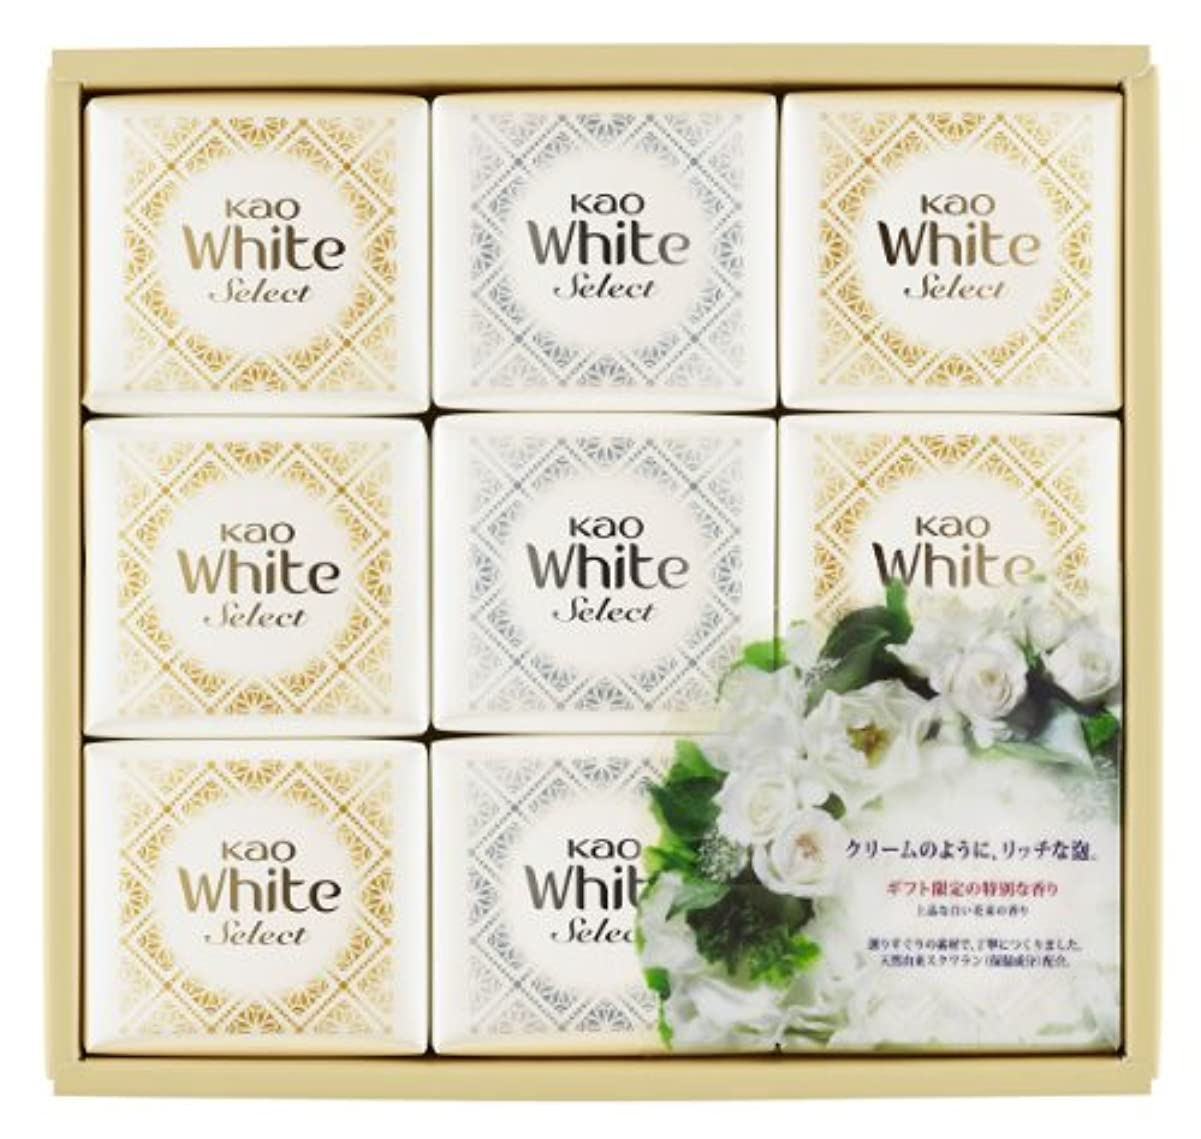 遠近法透過性信頼できる花王ホワイト セレクト 上品な白い花束の香り 85g 9コ K?WS-15